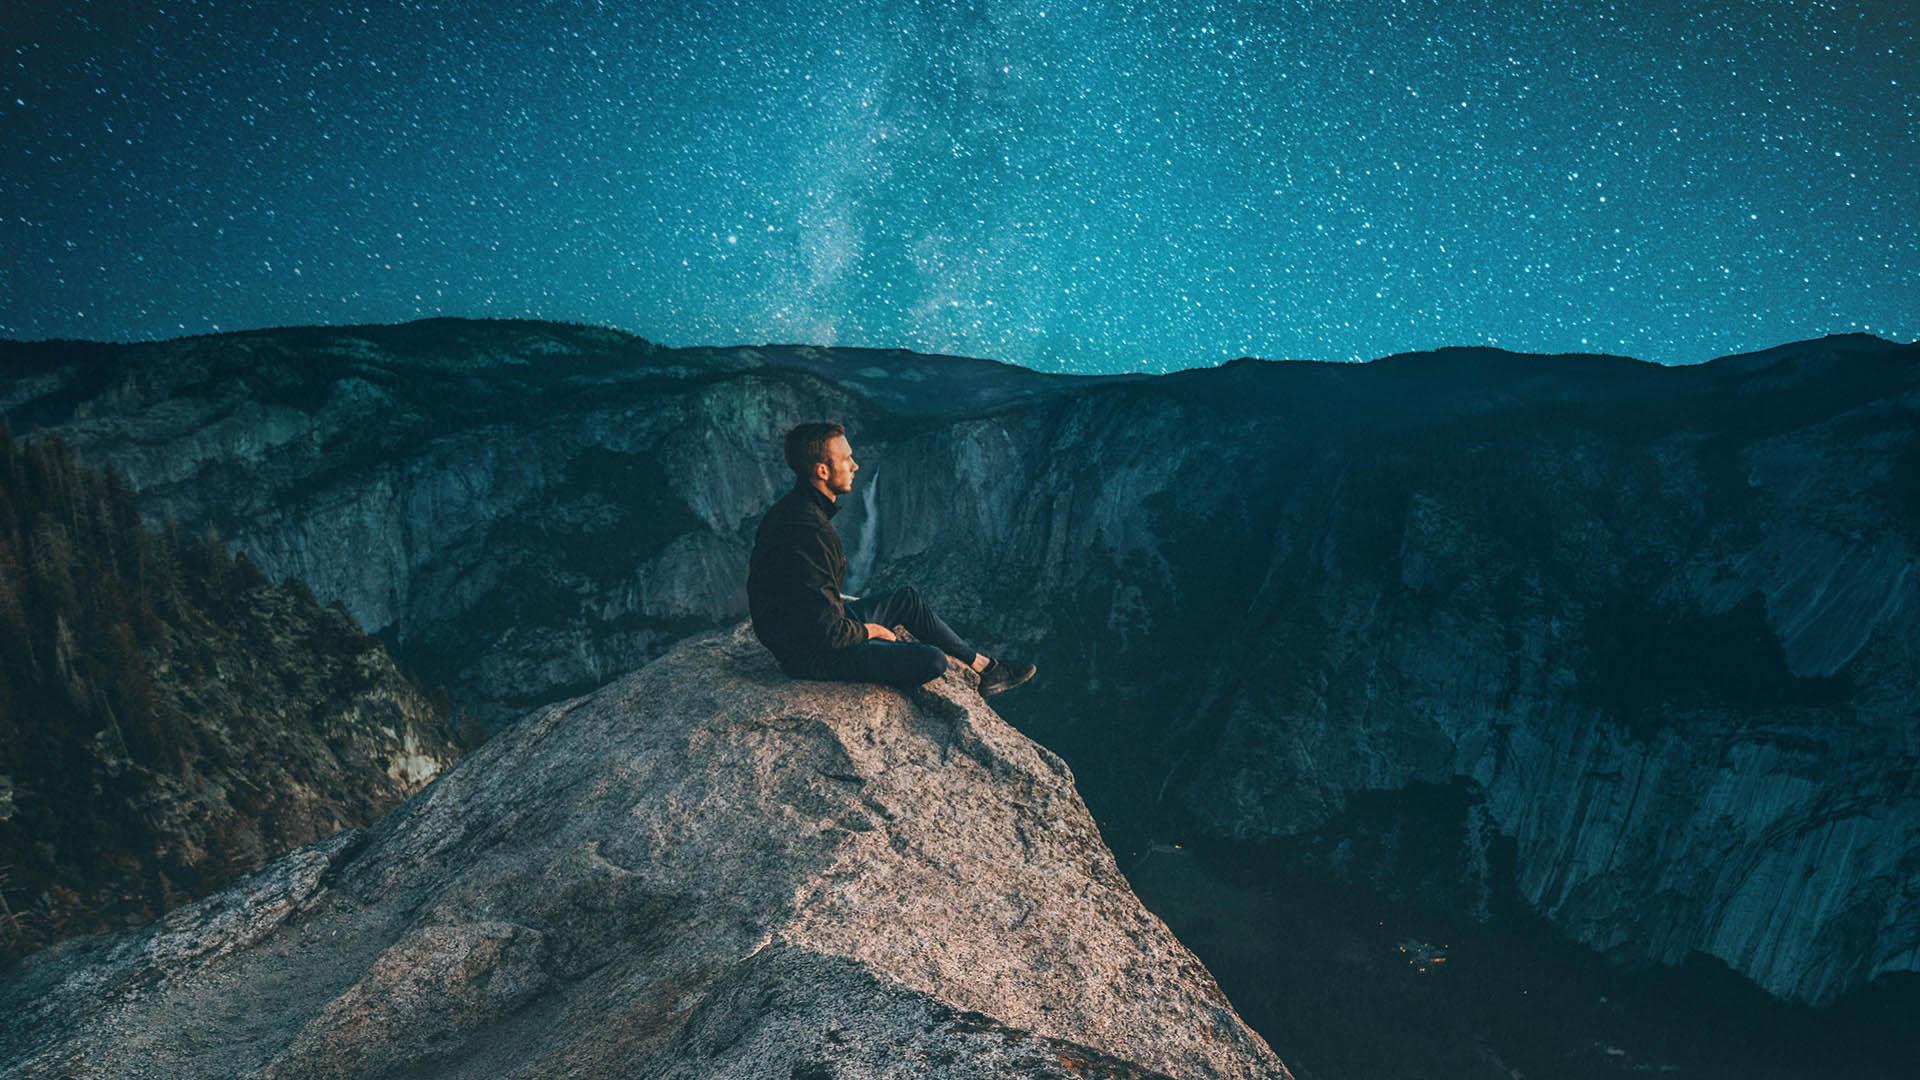 размышления в уединении. бесконечная медитация